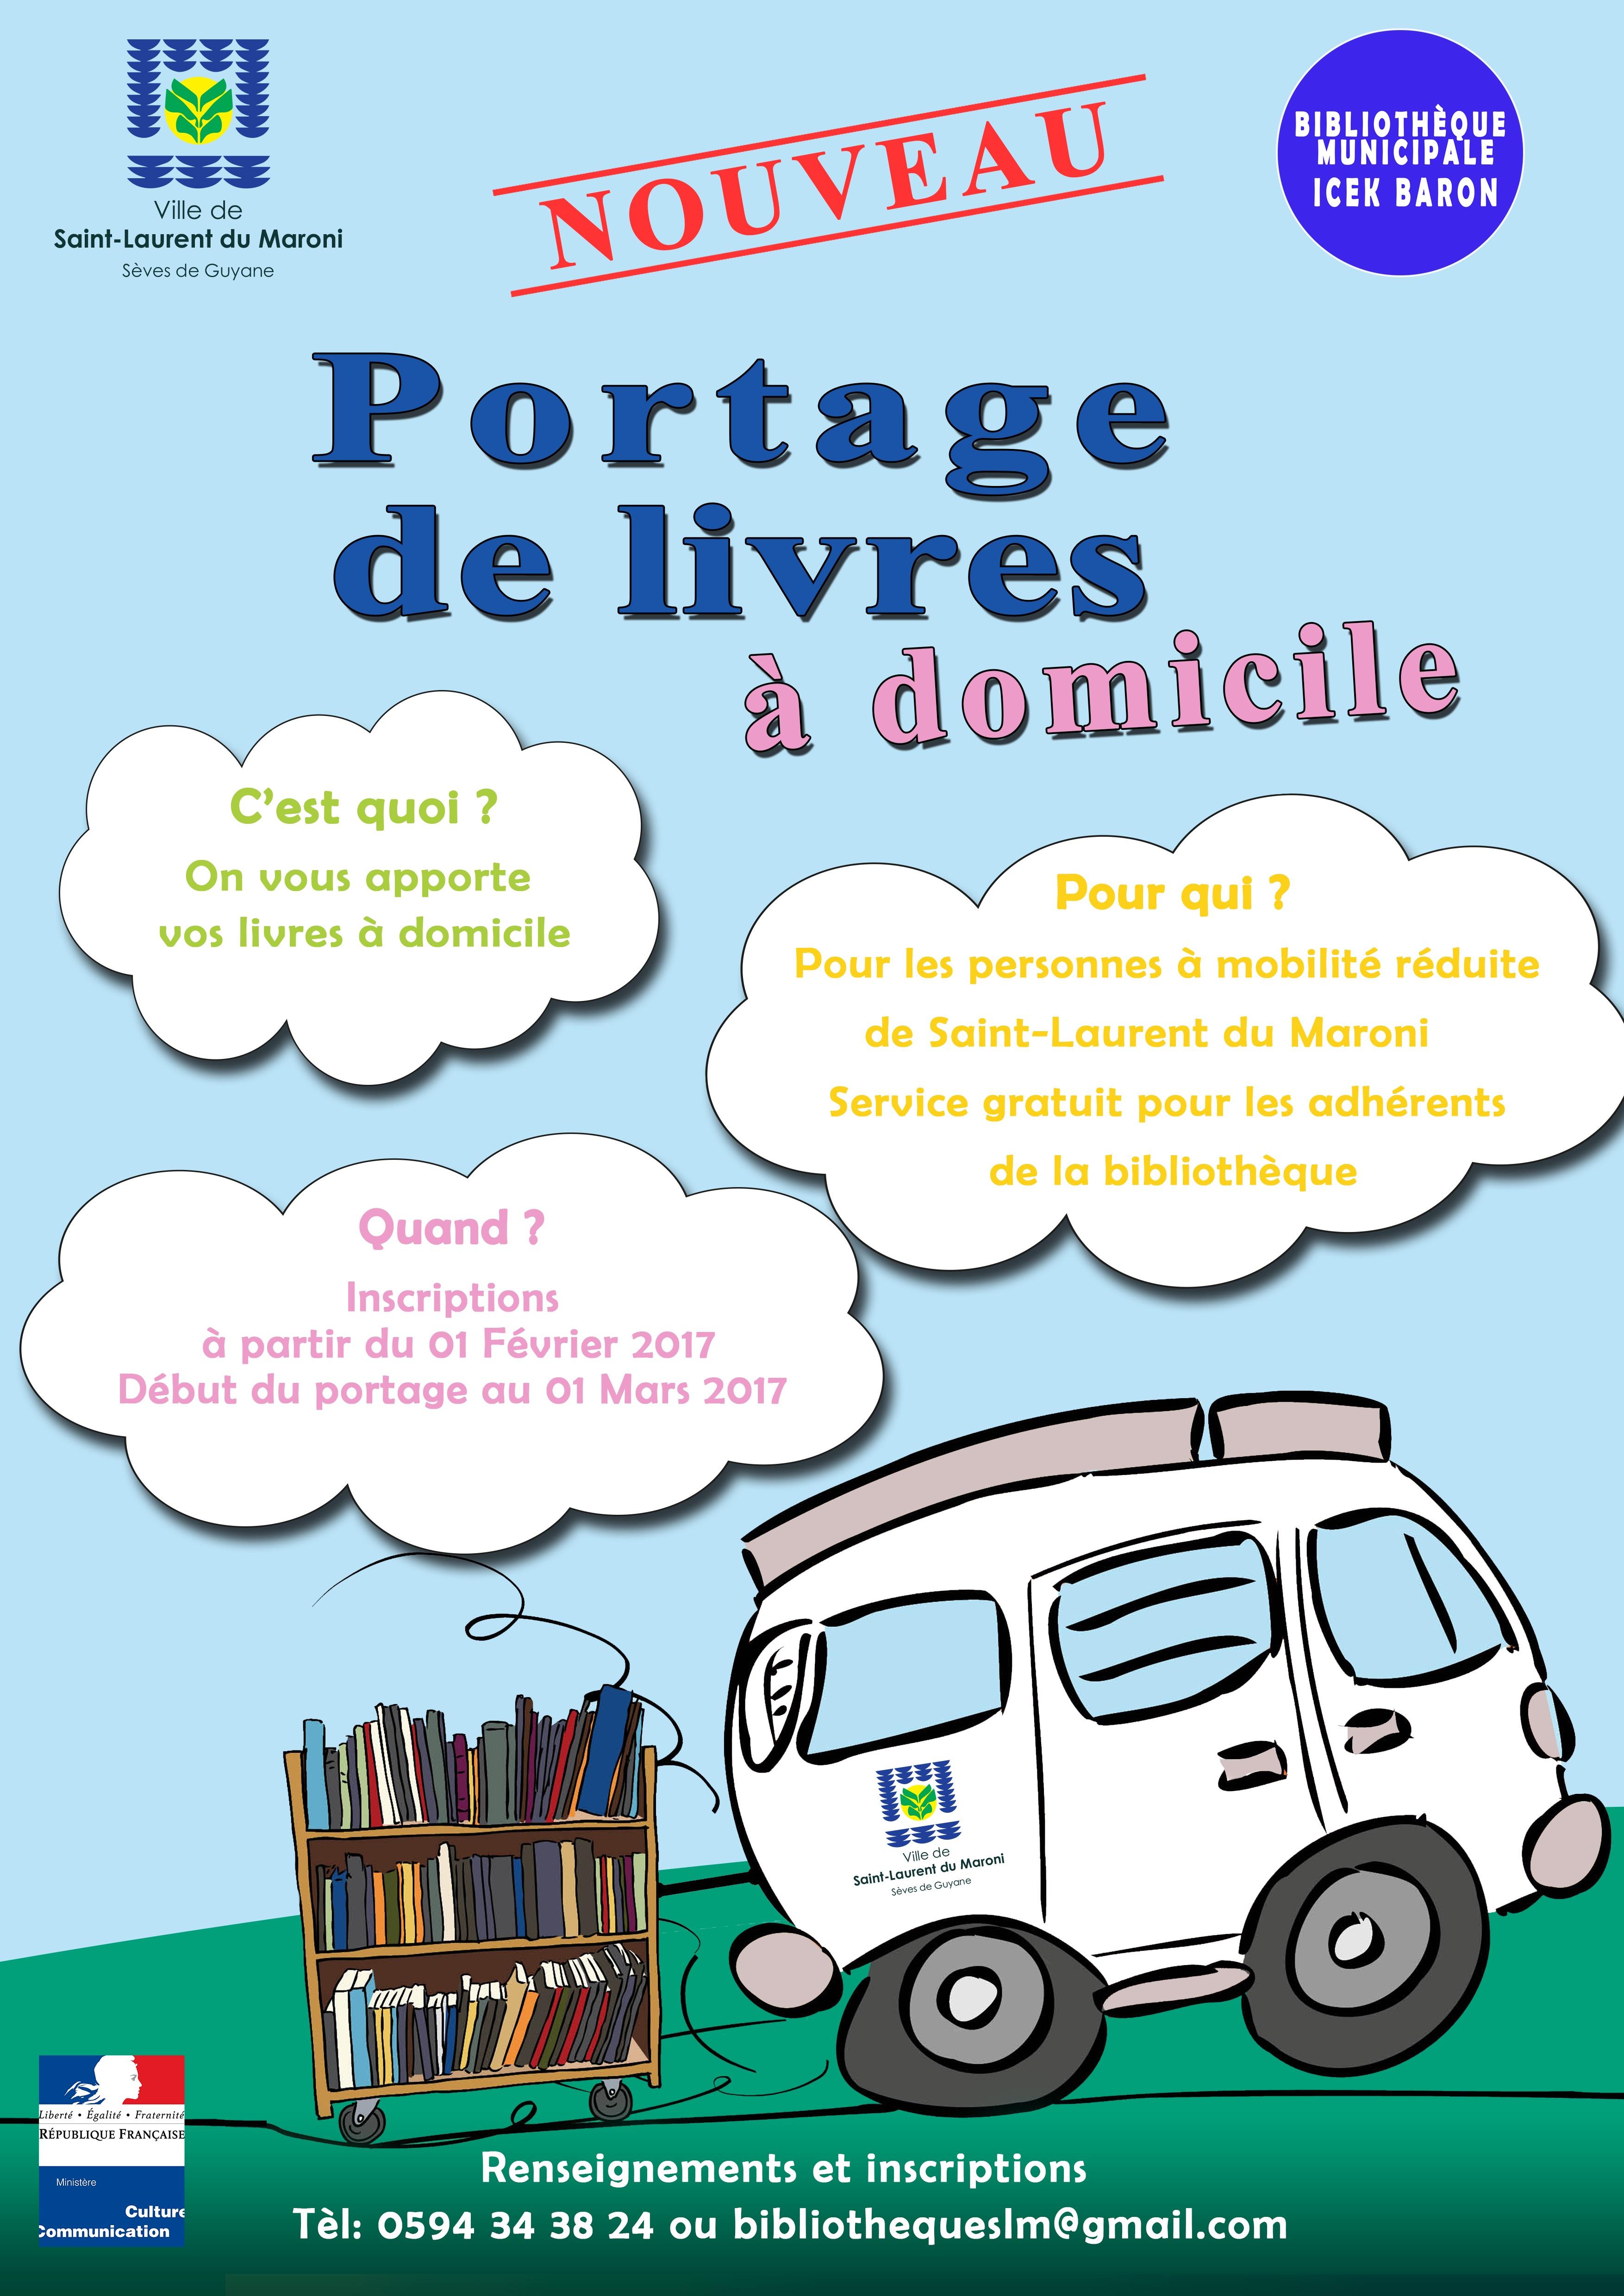 Nouveauté : le portage de livres à domicile arrive à Saint-Laurent !